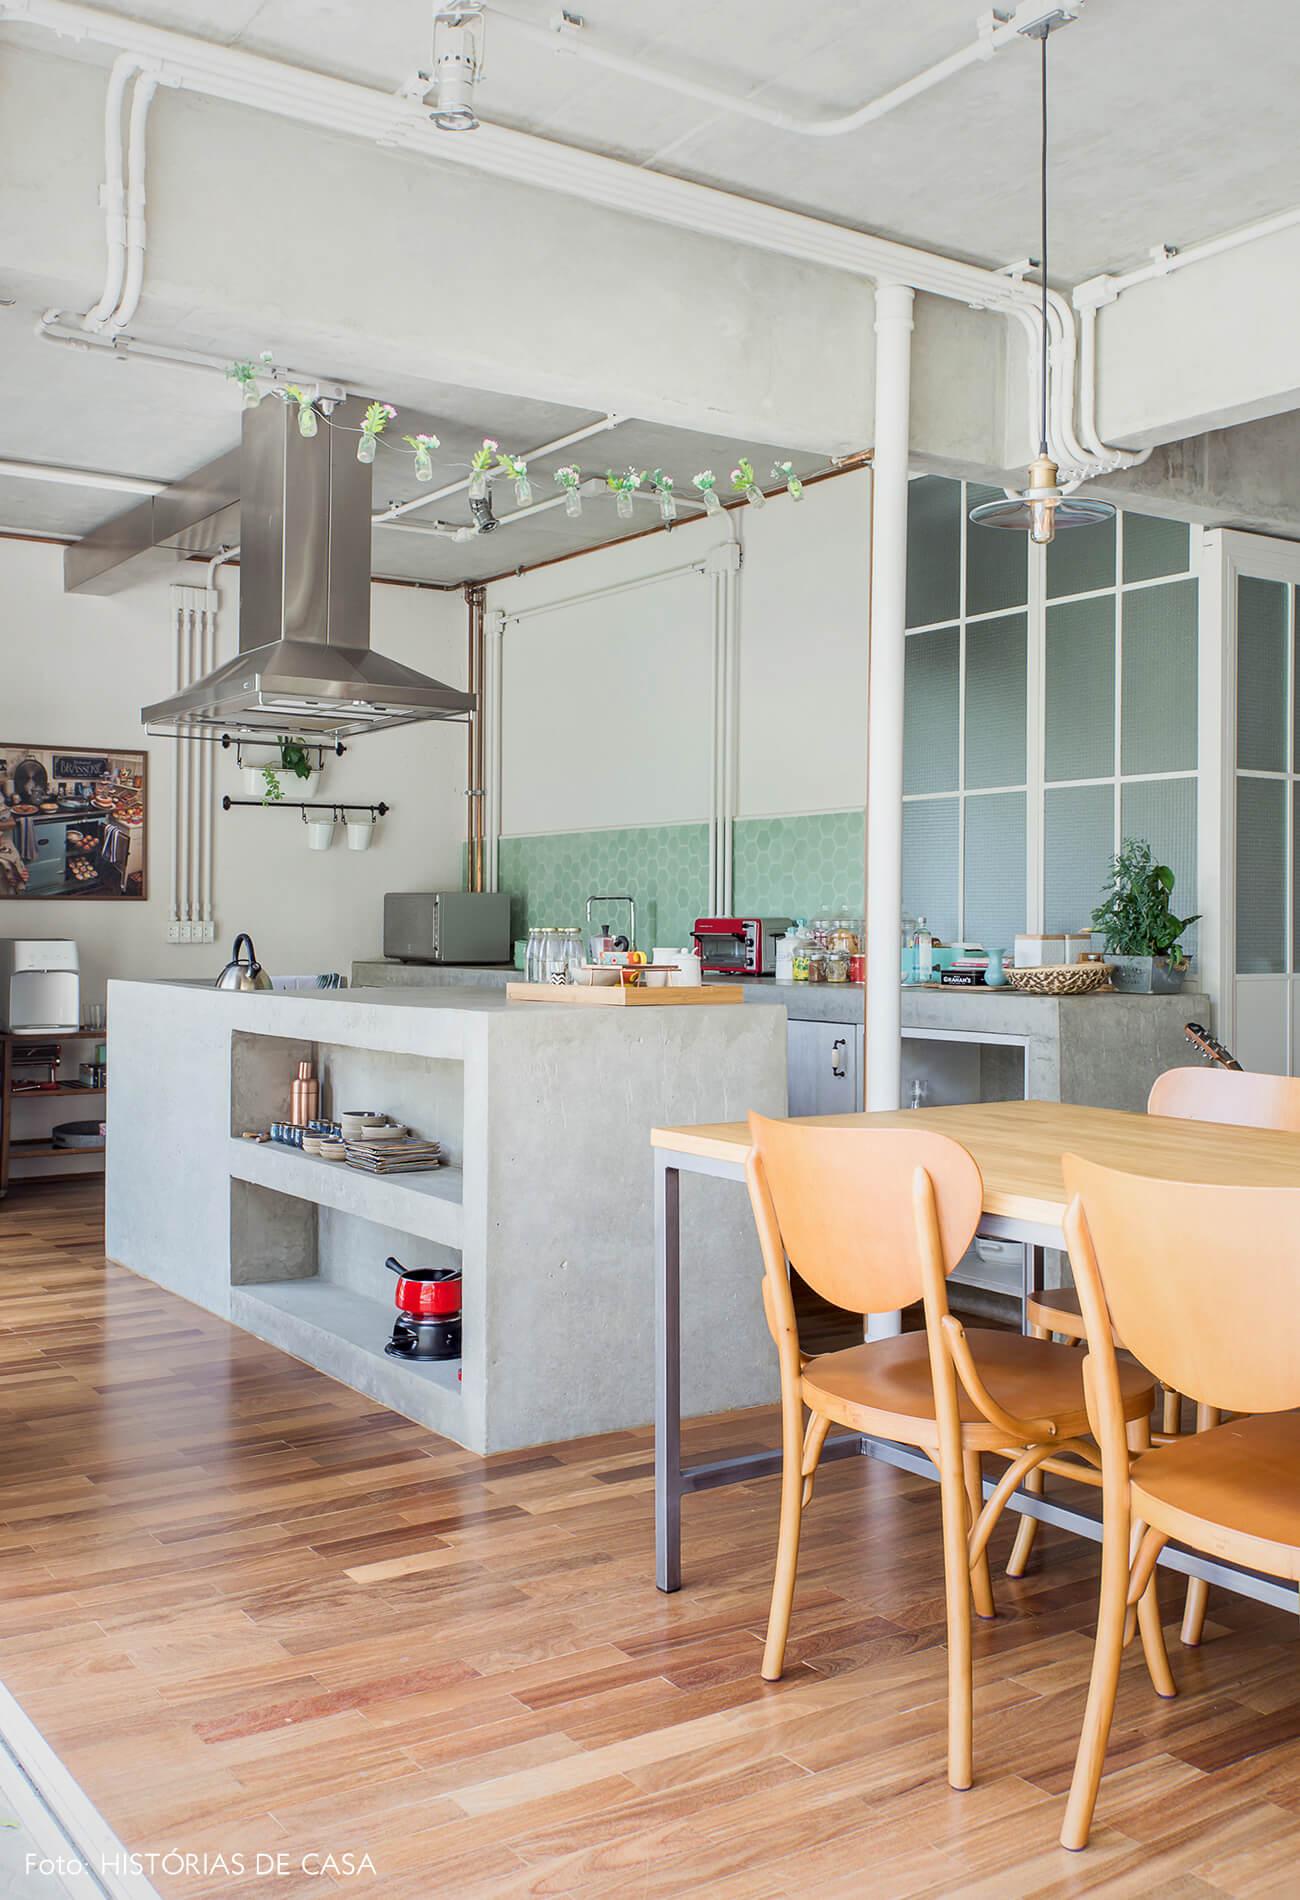 Cozinha com bancada de concreto e frontão de ladrilhos hidráulicos hexagonais